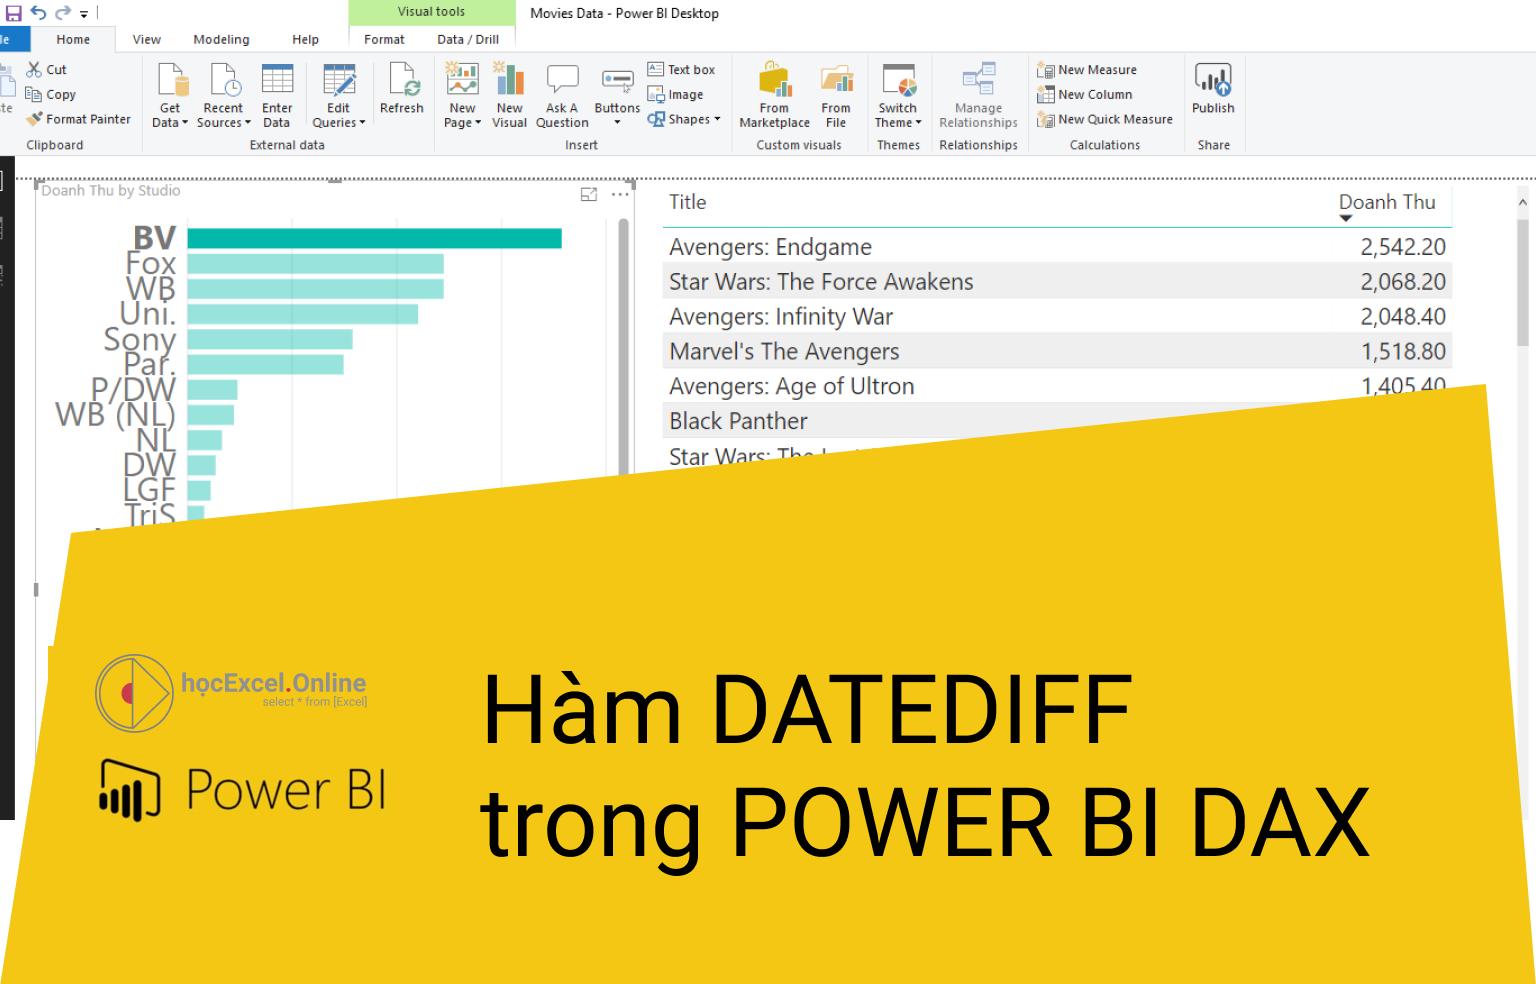 Hàm DATEDIFF trong Power BI DAX - Học Excel Online Miễn Phí